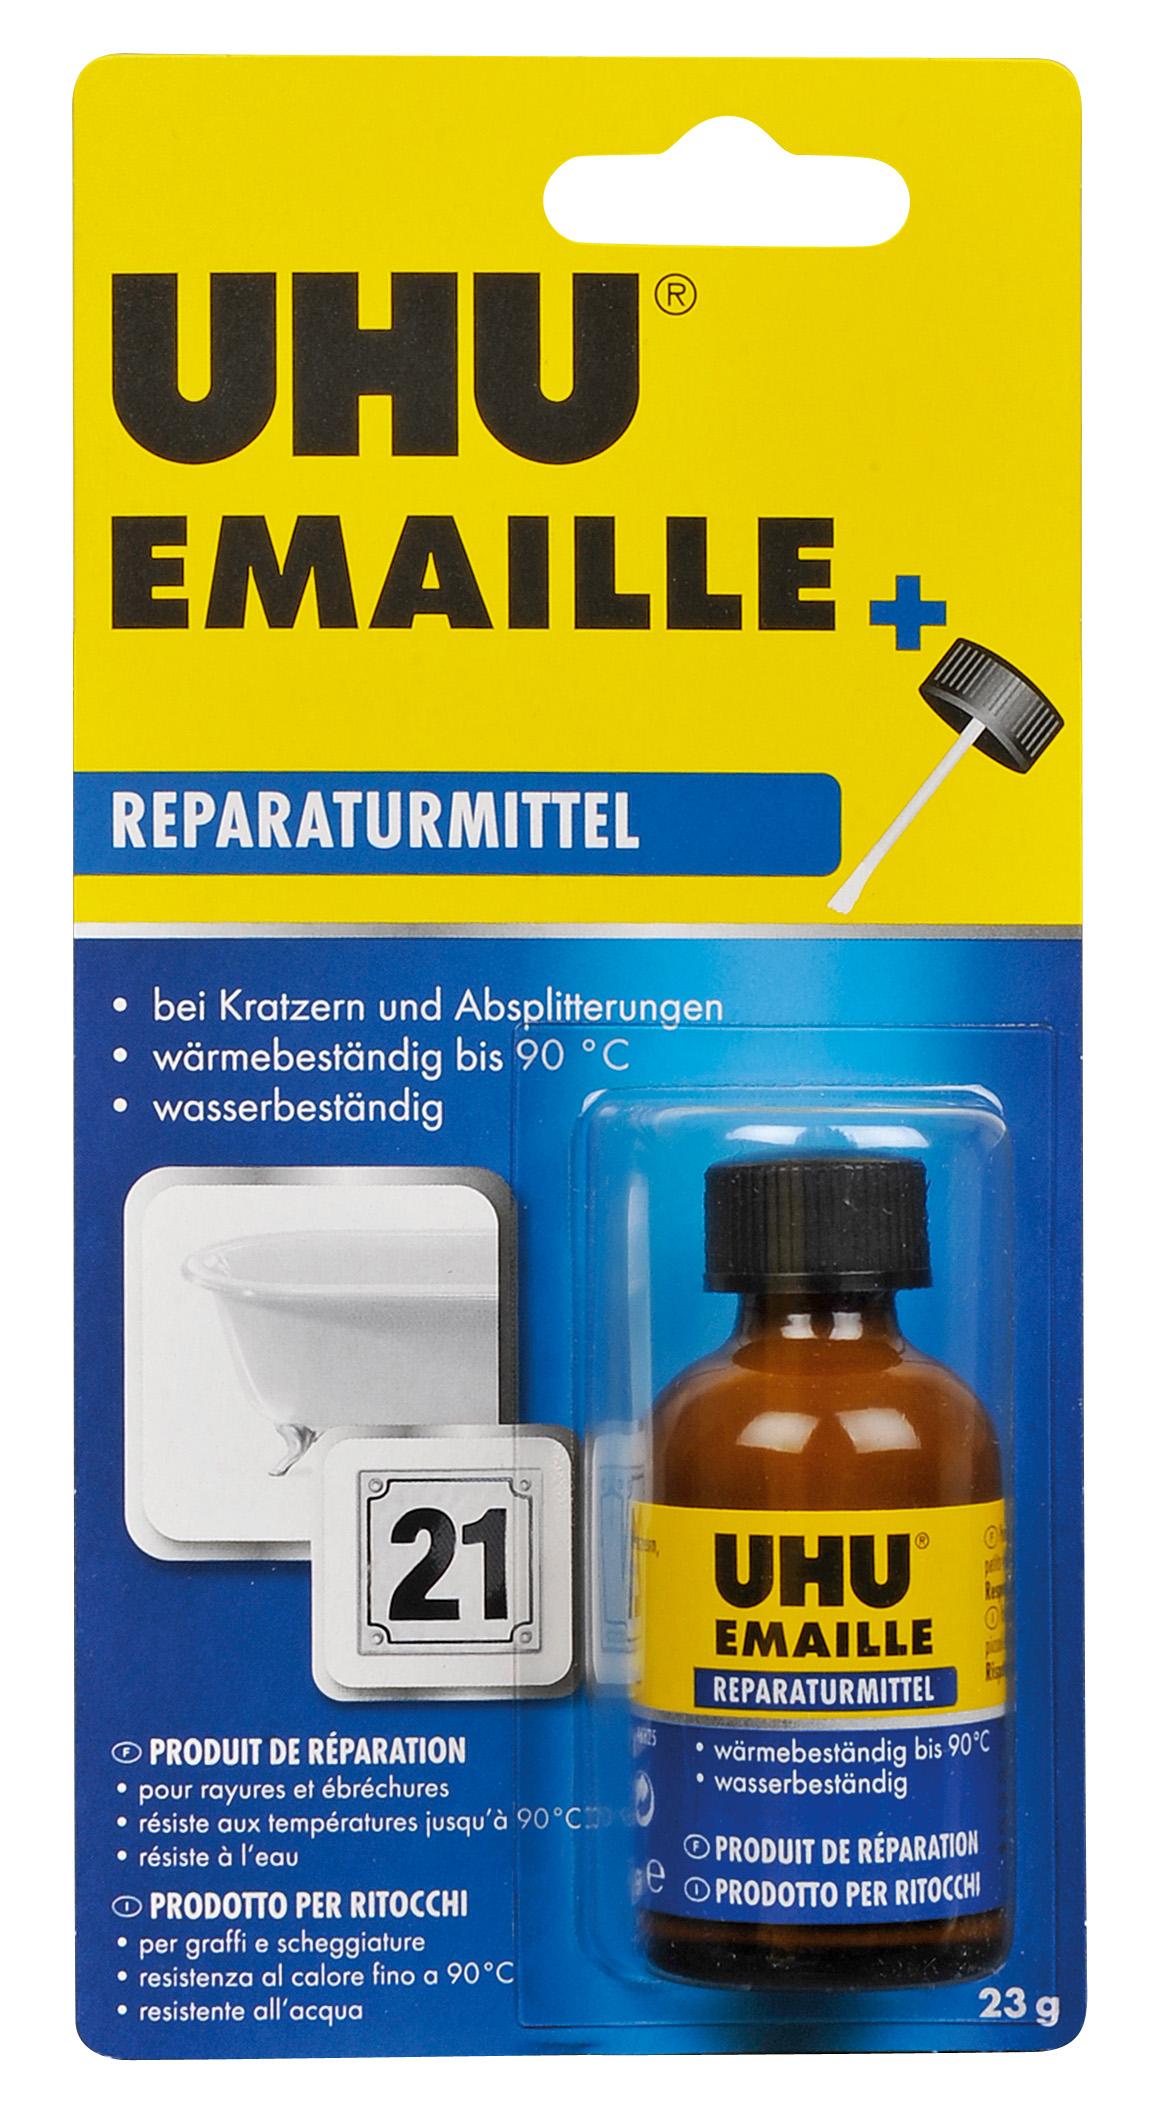 UHU Emaille 23g Flasche Infokarte